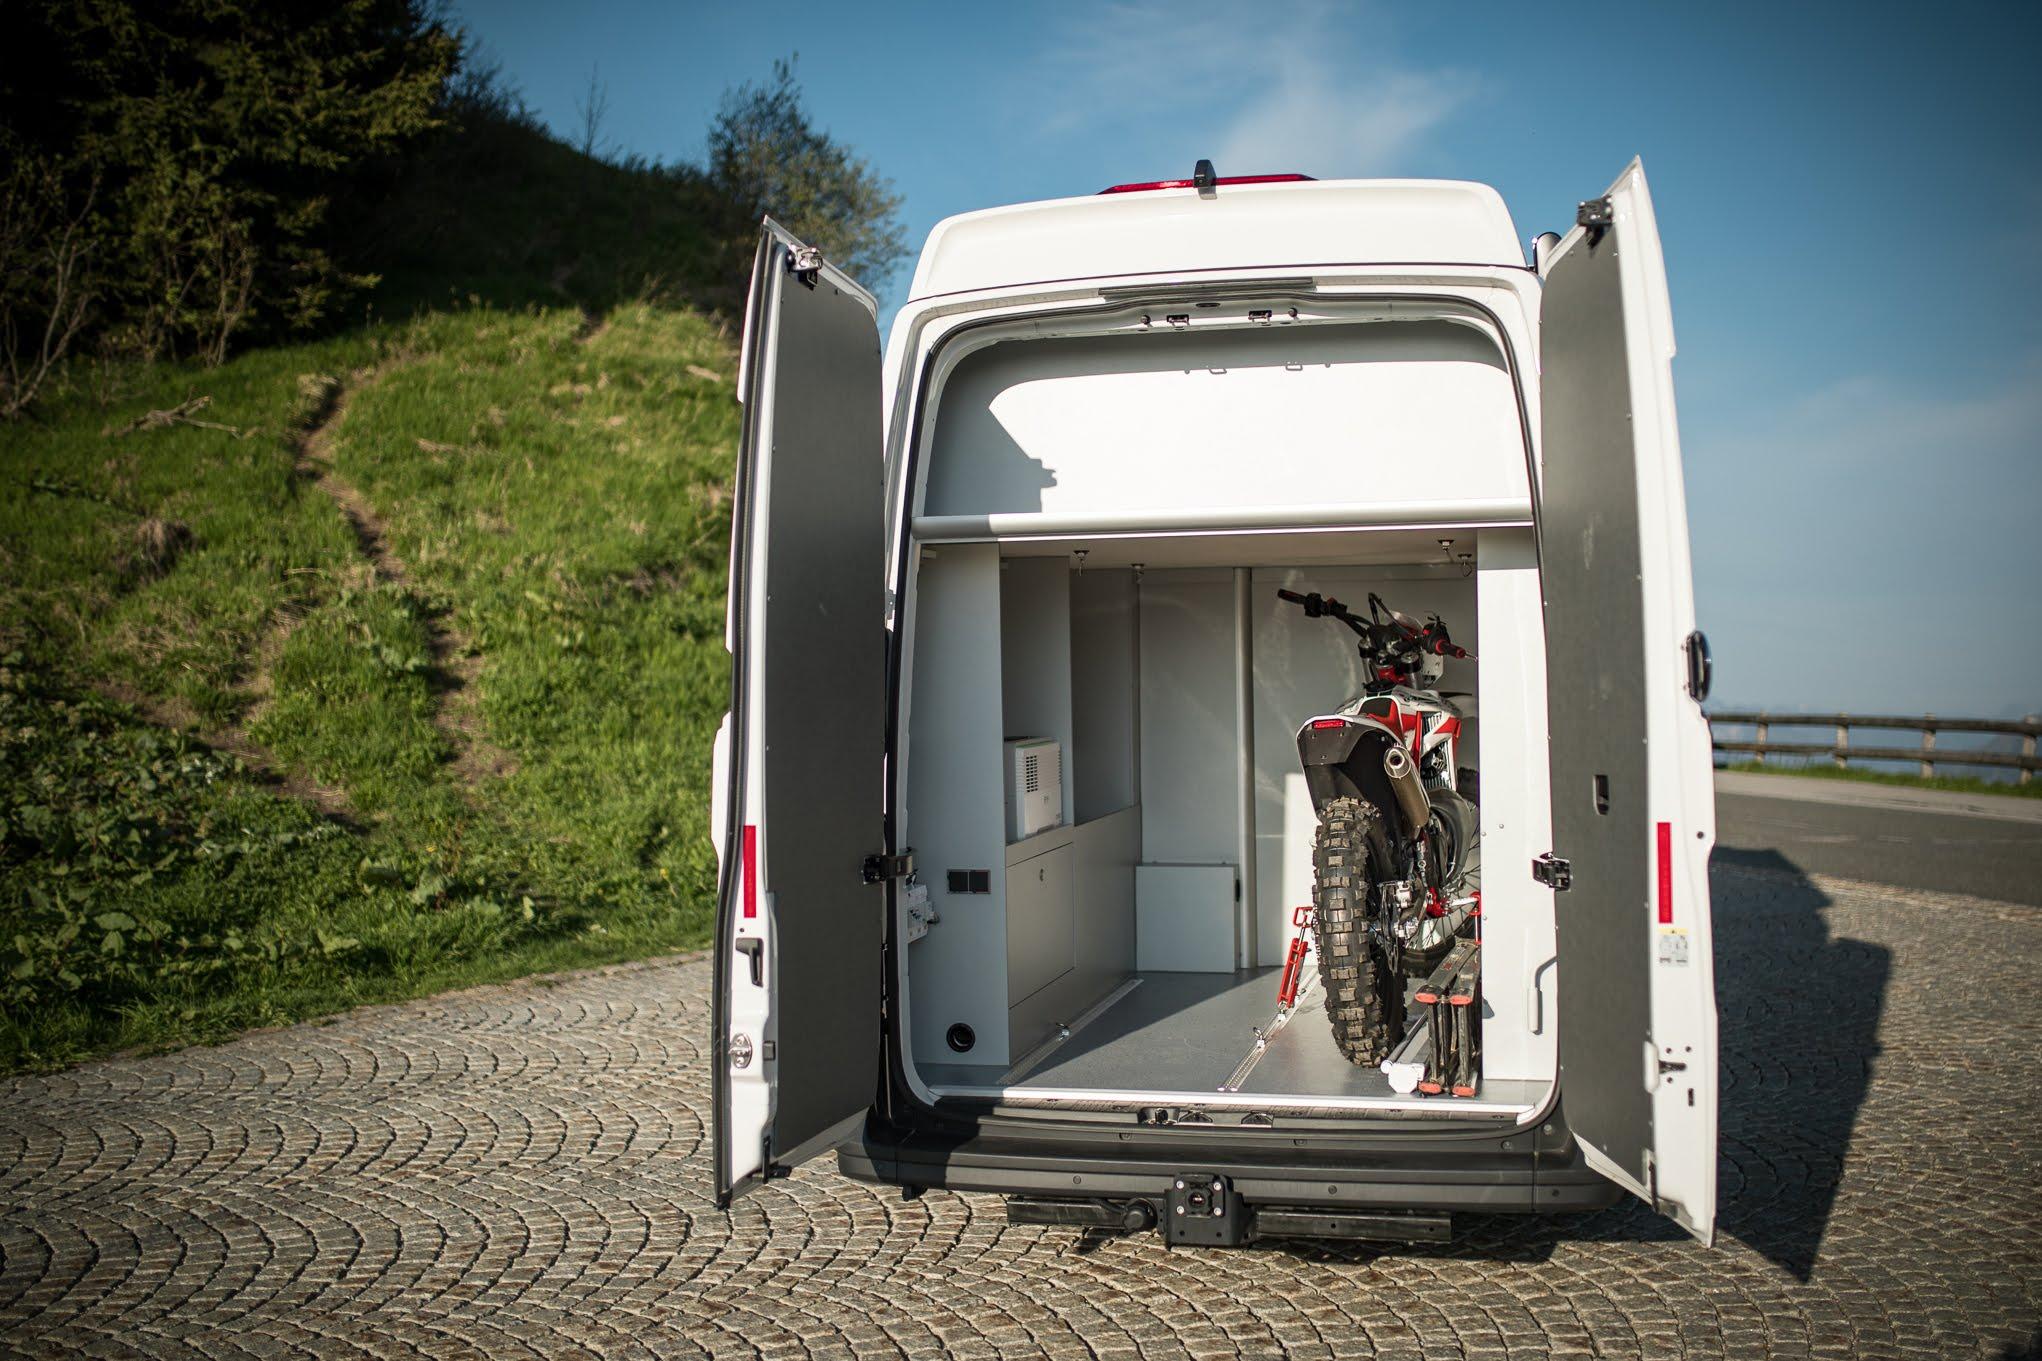 heckgarage kastenwagen wohnmobil california xxl new vw crafter vr-motorhomes